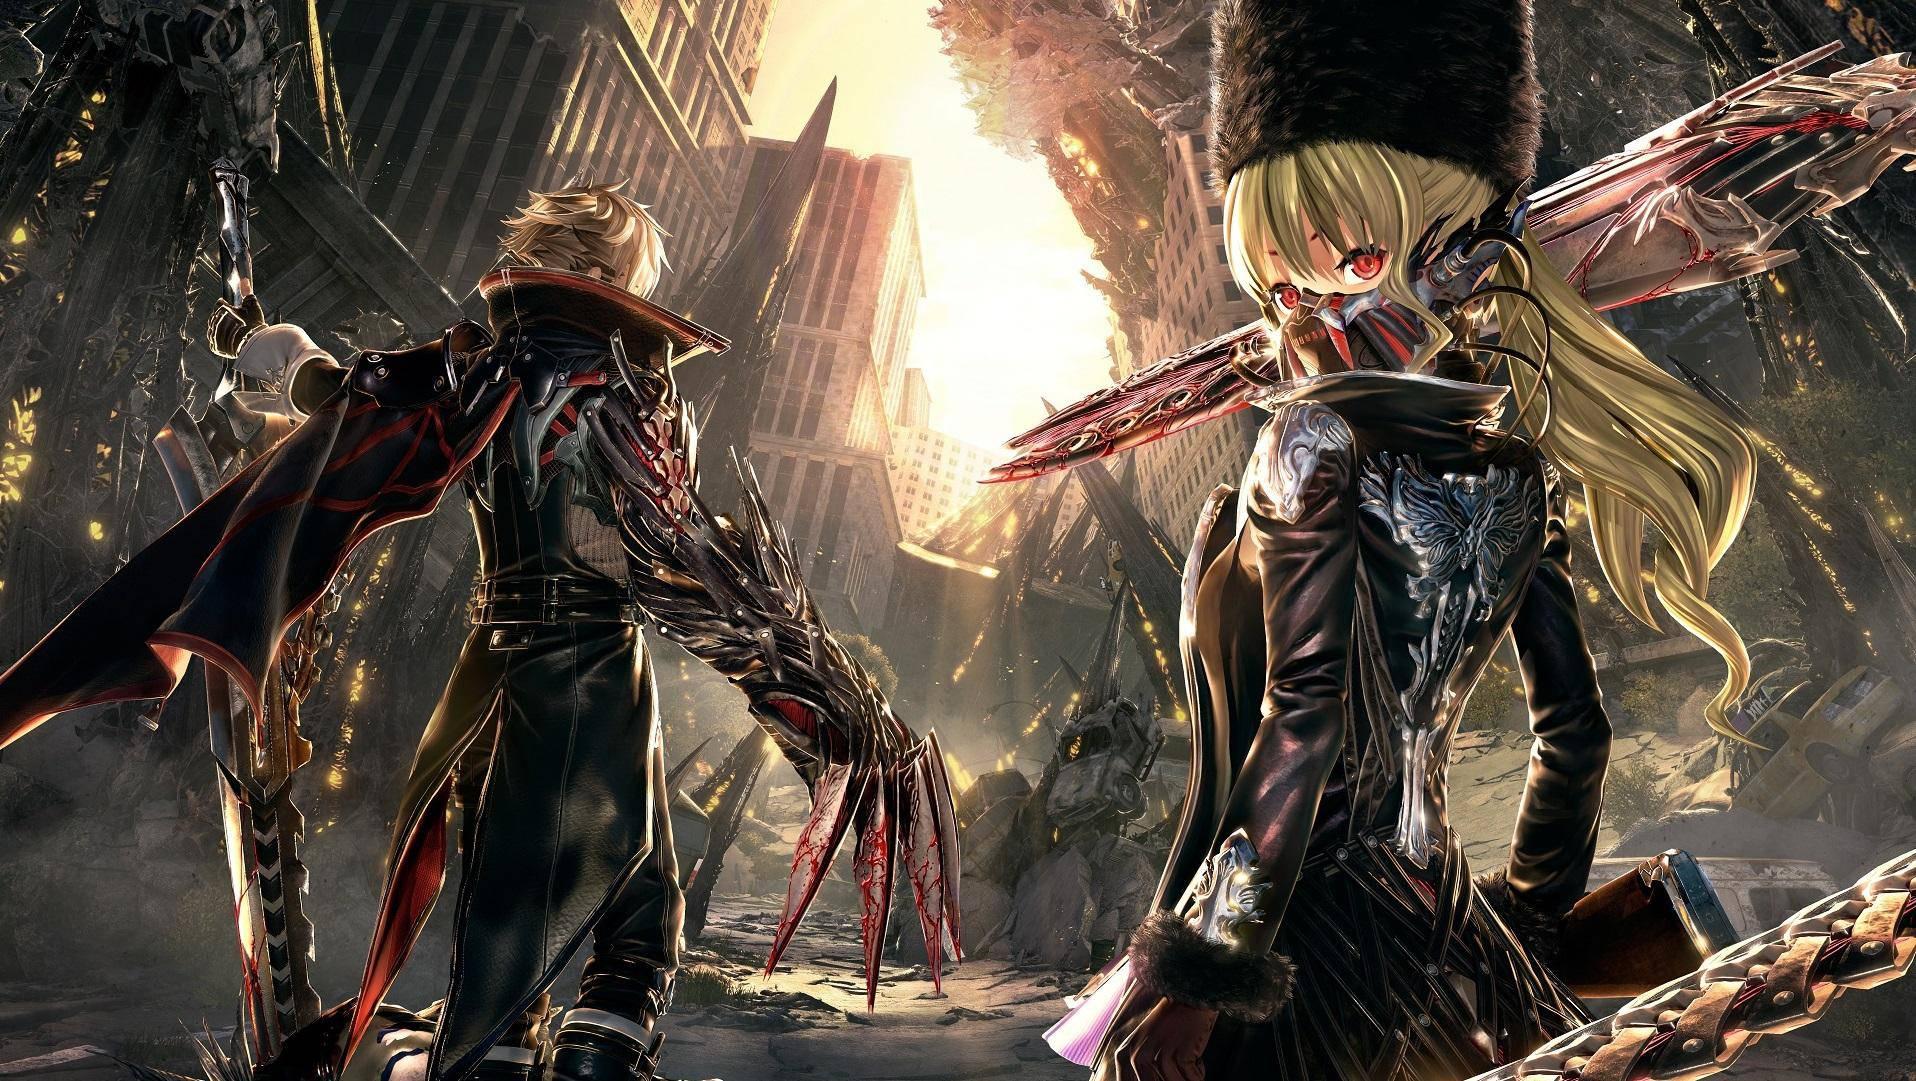 Η BANDAI ανακοίνωσε τα παιχνίδια για το GAMESCOM 2018 - Geekdom News 21